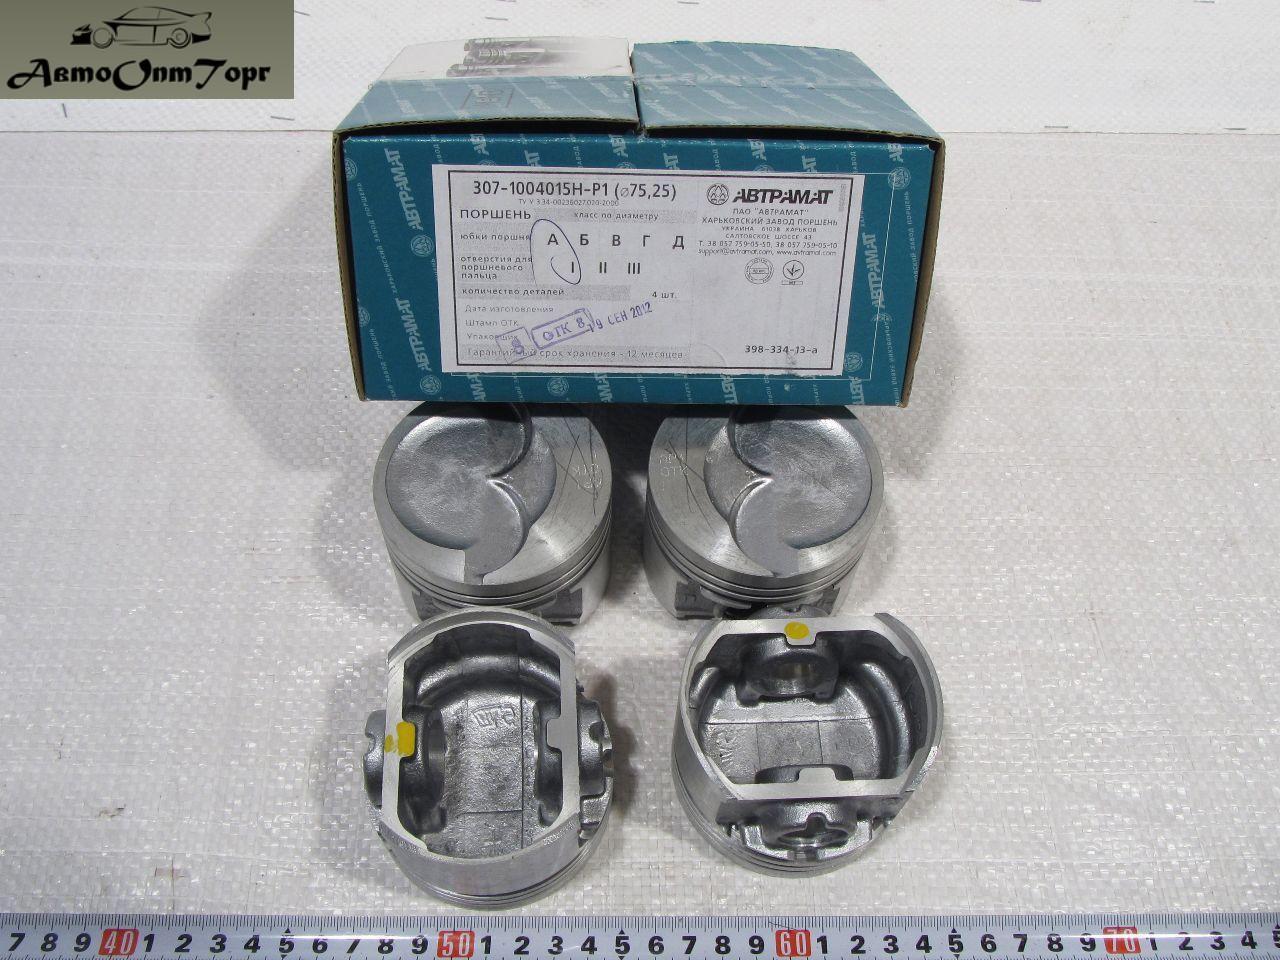 Комплект поршневой ЗАЗ Таврия и Sens (1.3) размерностью 75.25 мм группа А, 307-1004015H-P1, Автрамат